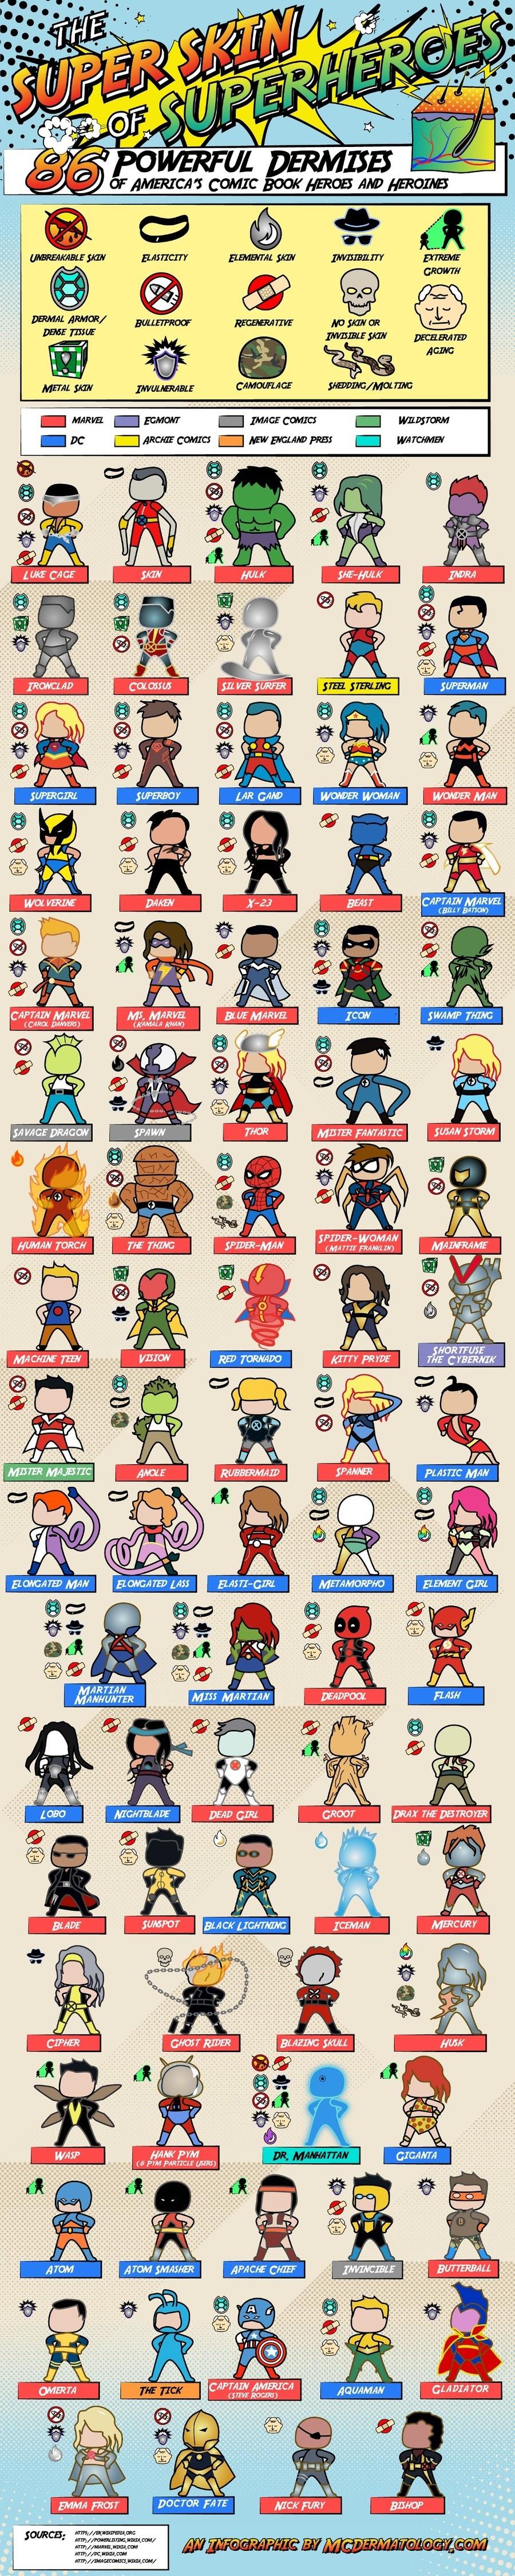 Superhero Powers (in their Skin). The super skin of superheroes: .